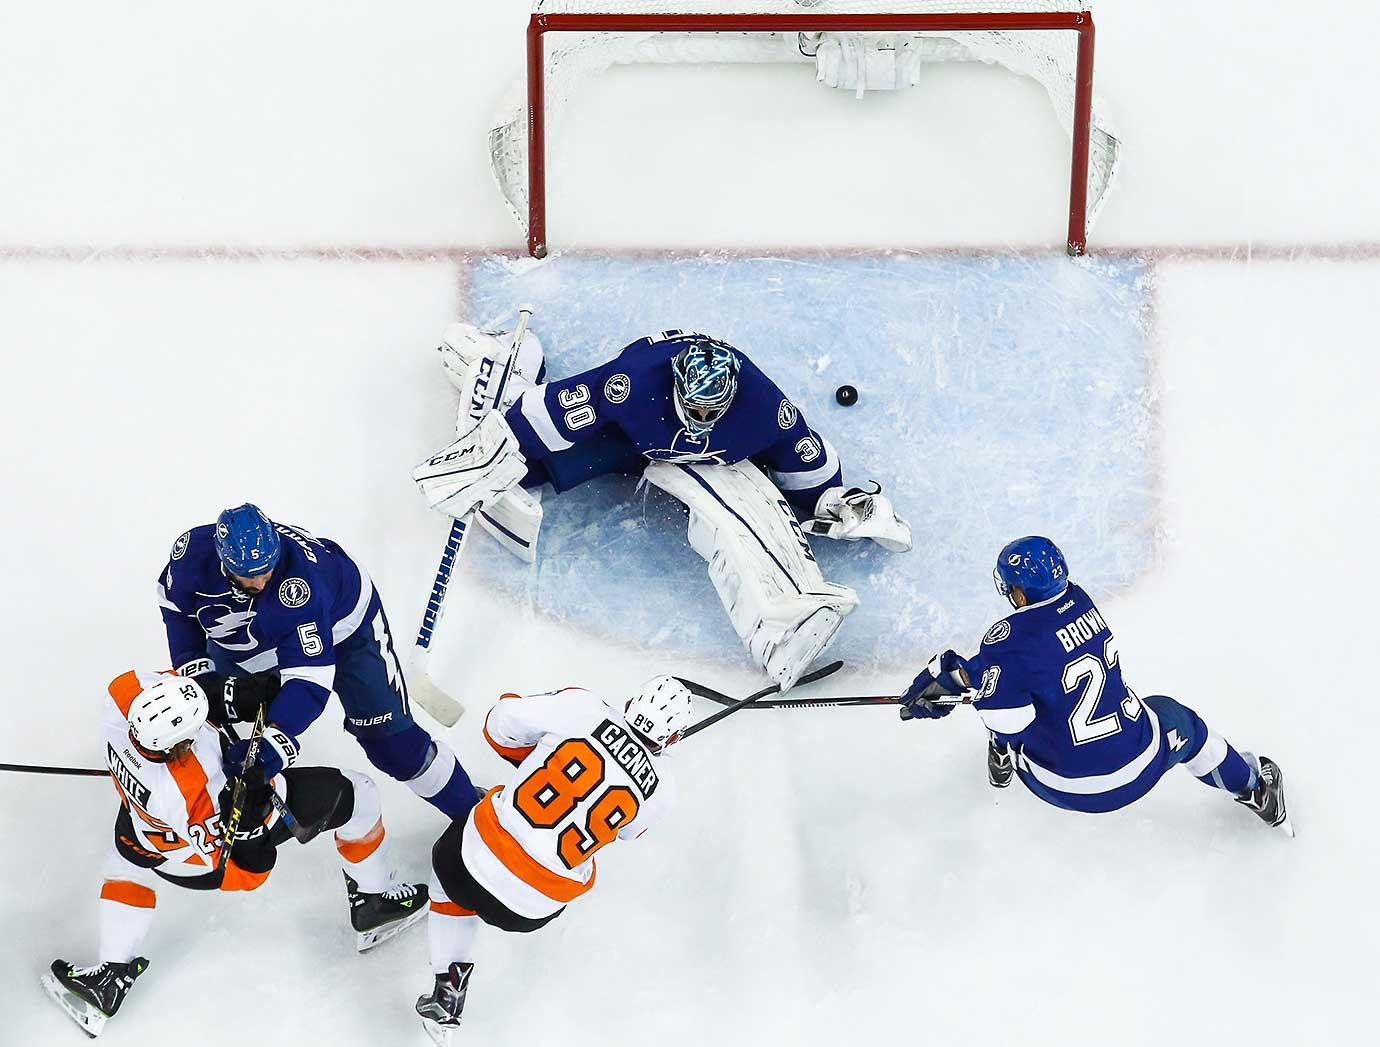 Sam Gagner of the Philadelphia Flyers scores against goalie Ben Bishop of the Tampa Bay Lightning.